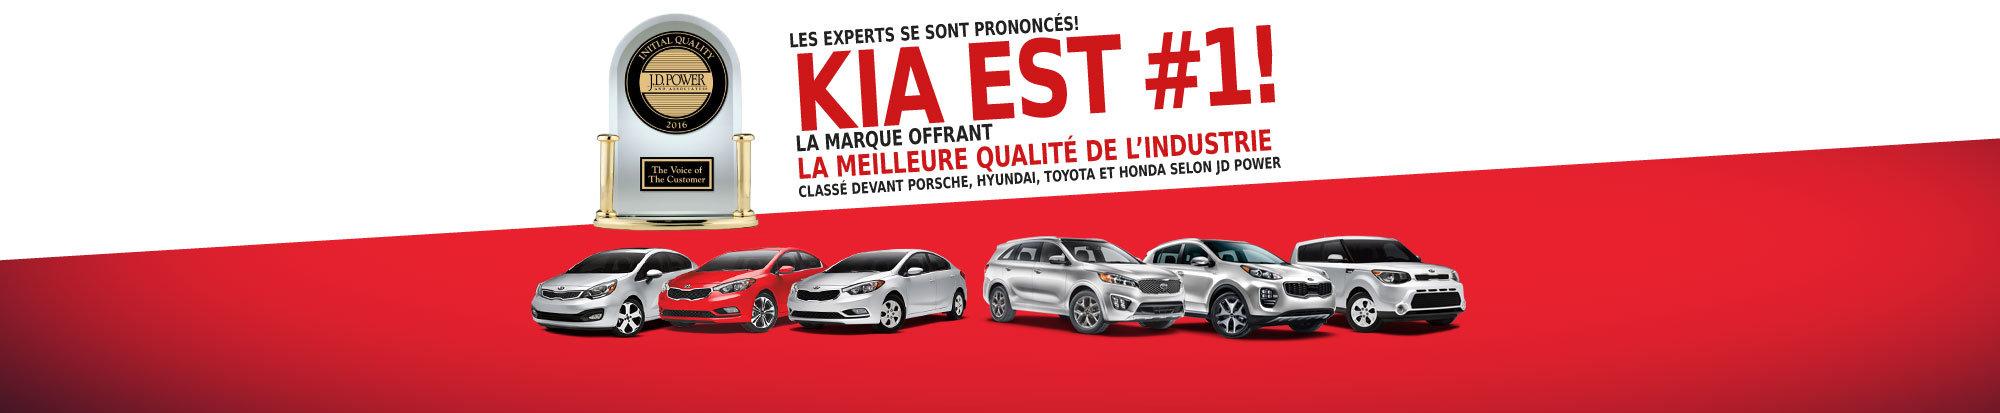 Kia: Classée devant Toyota, Honda, Hyundai